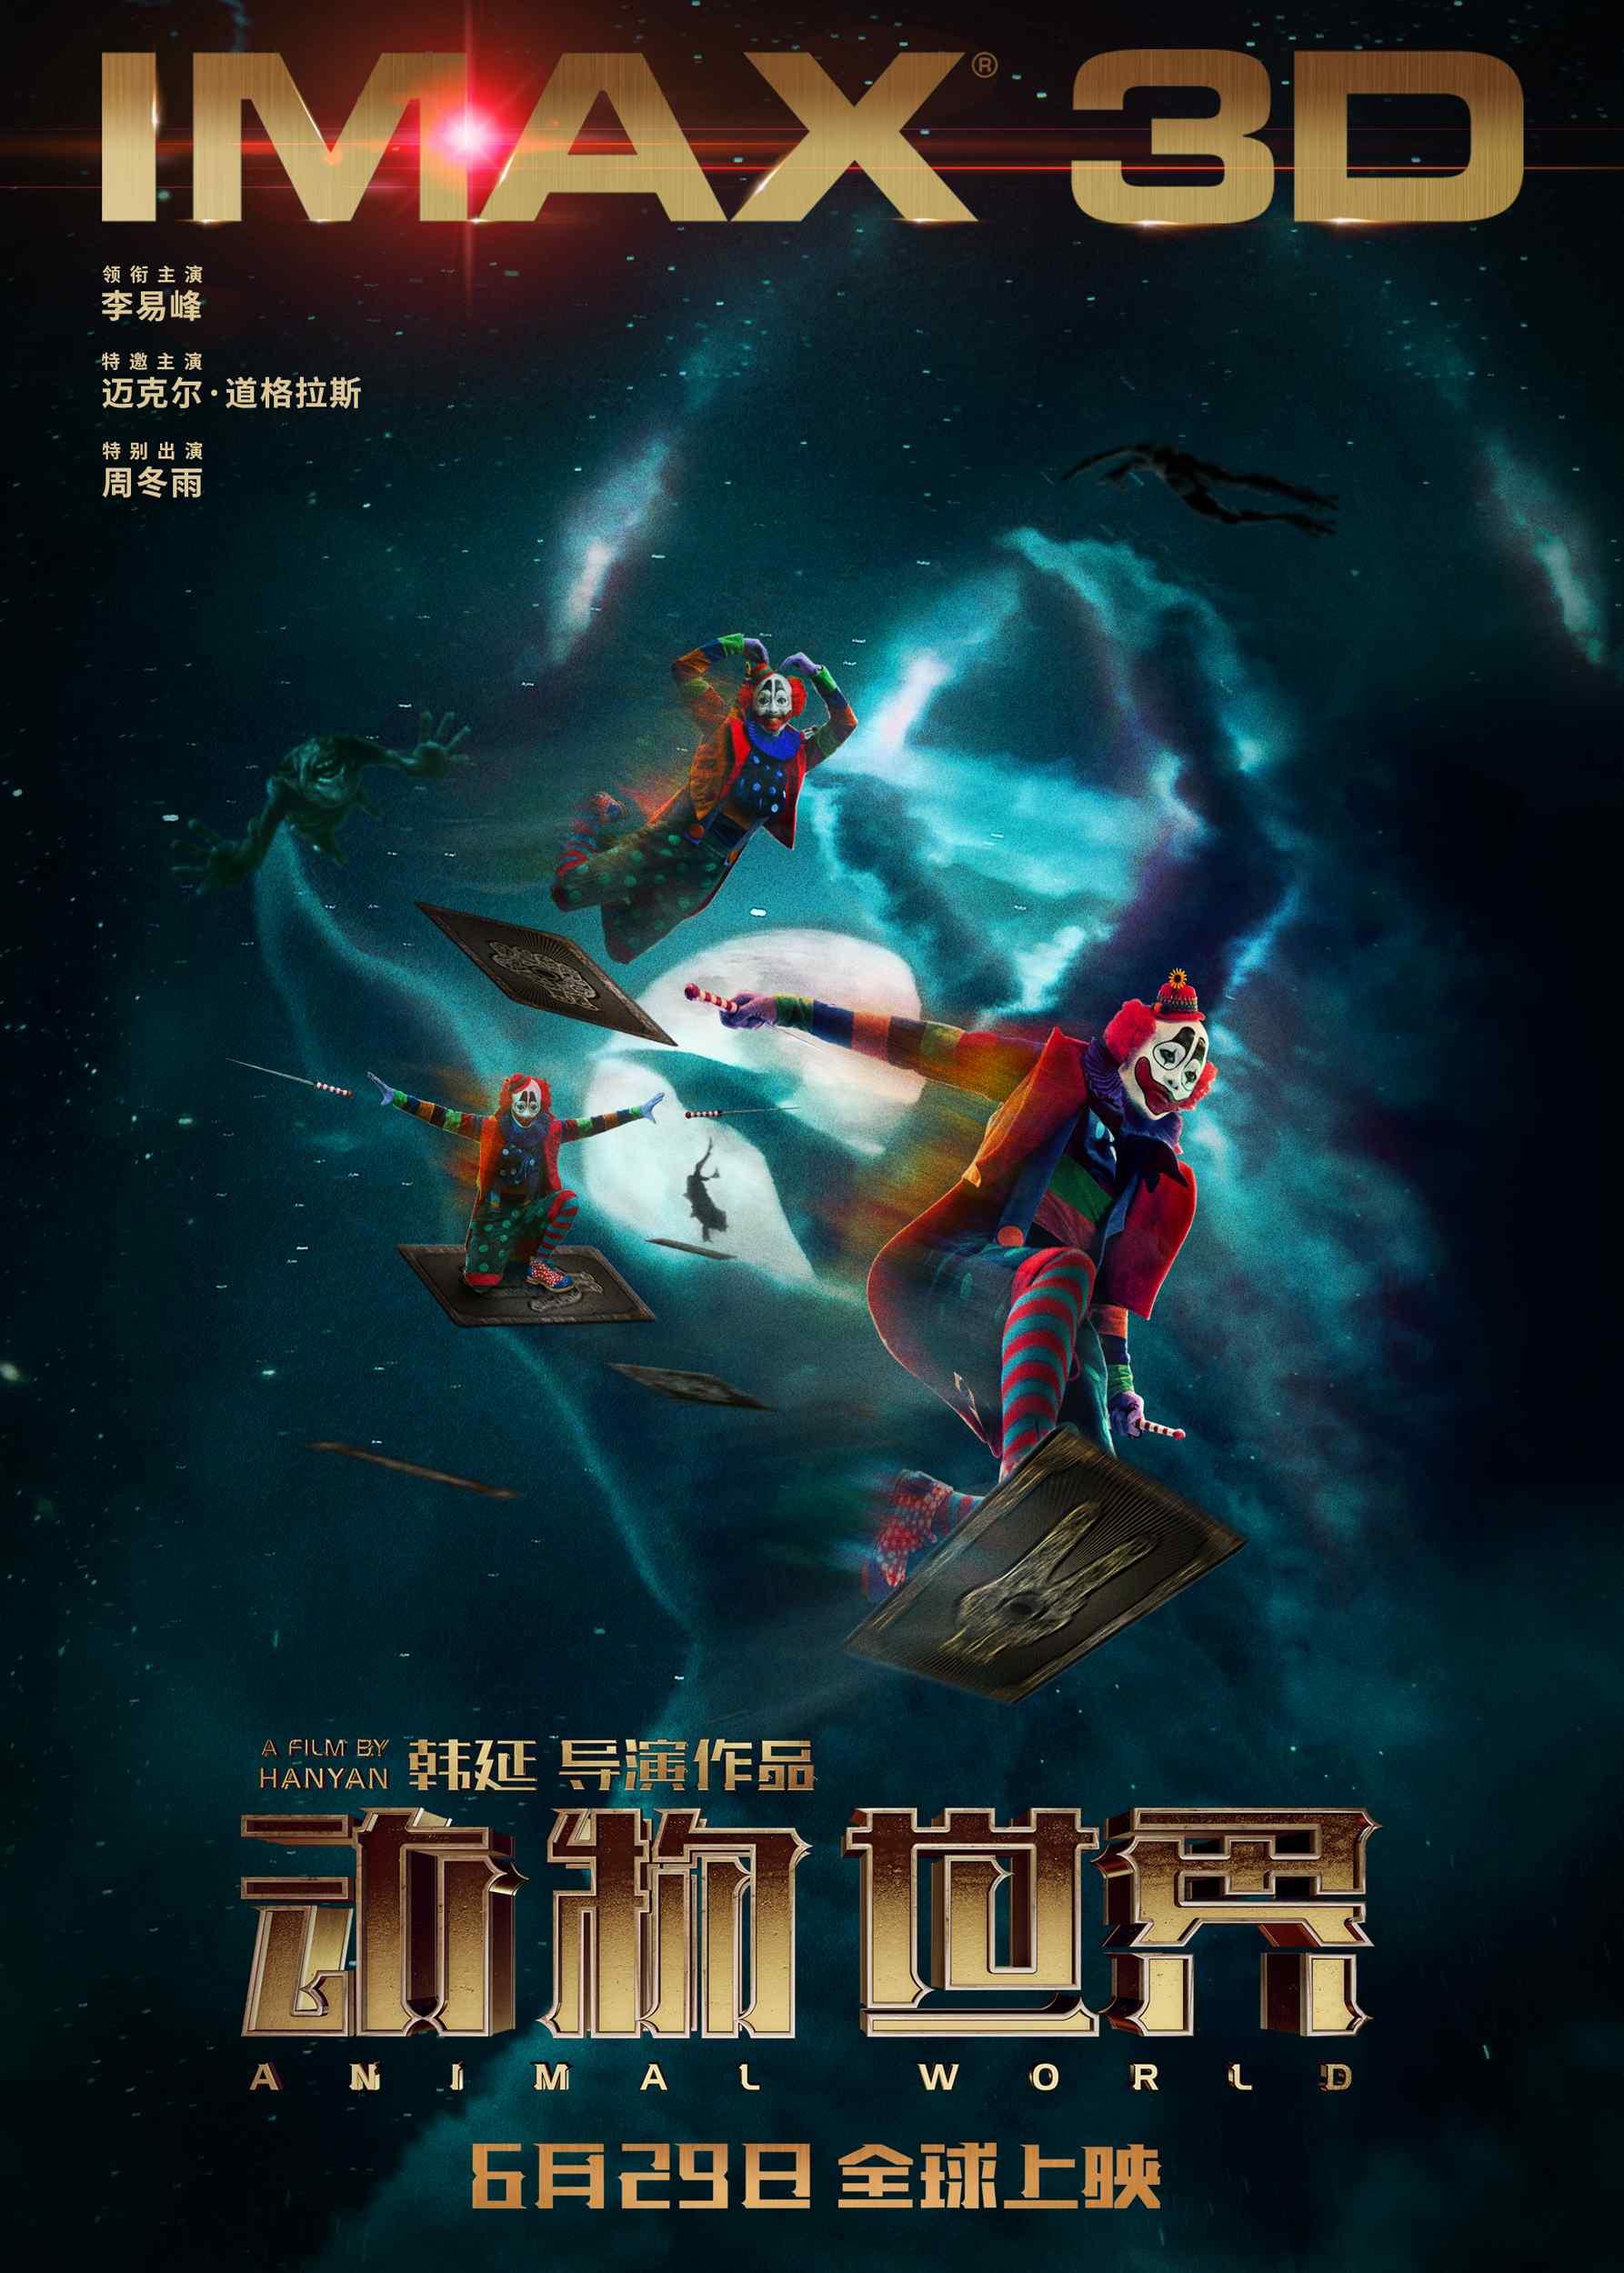 电影《动物世界》IMAX预告海报